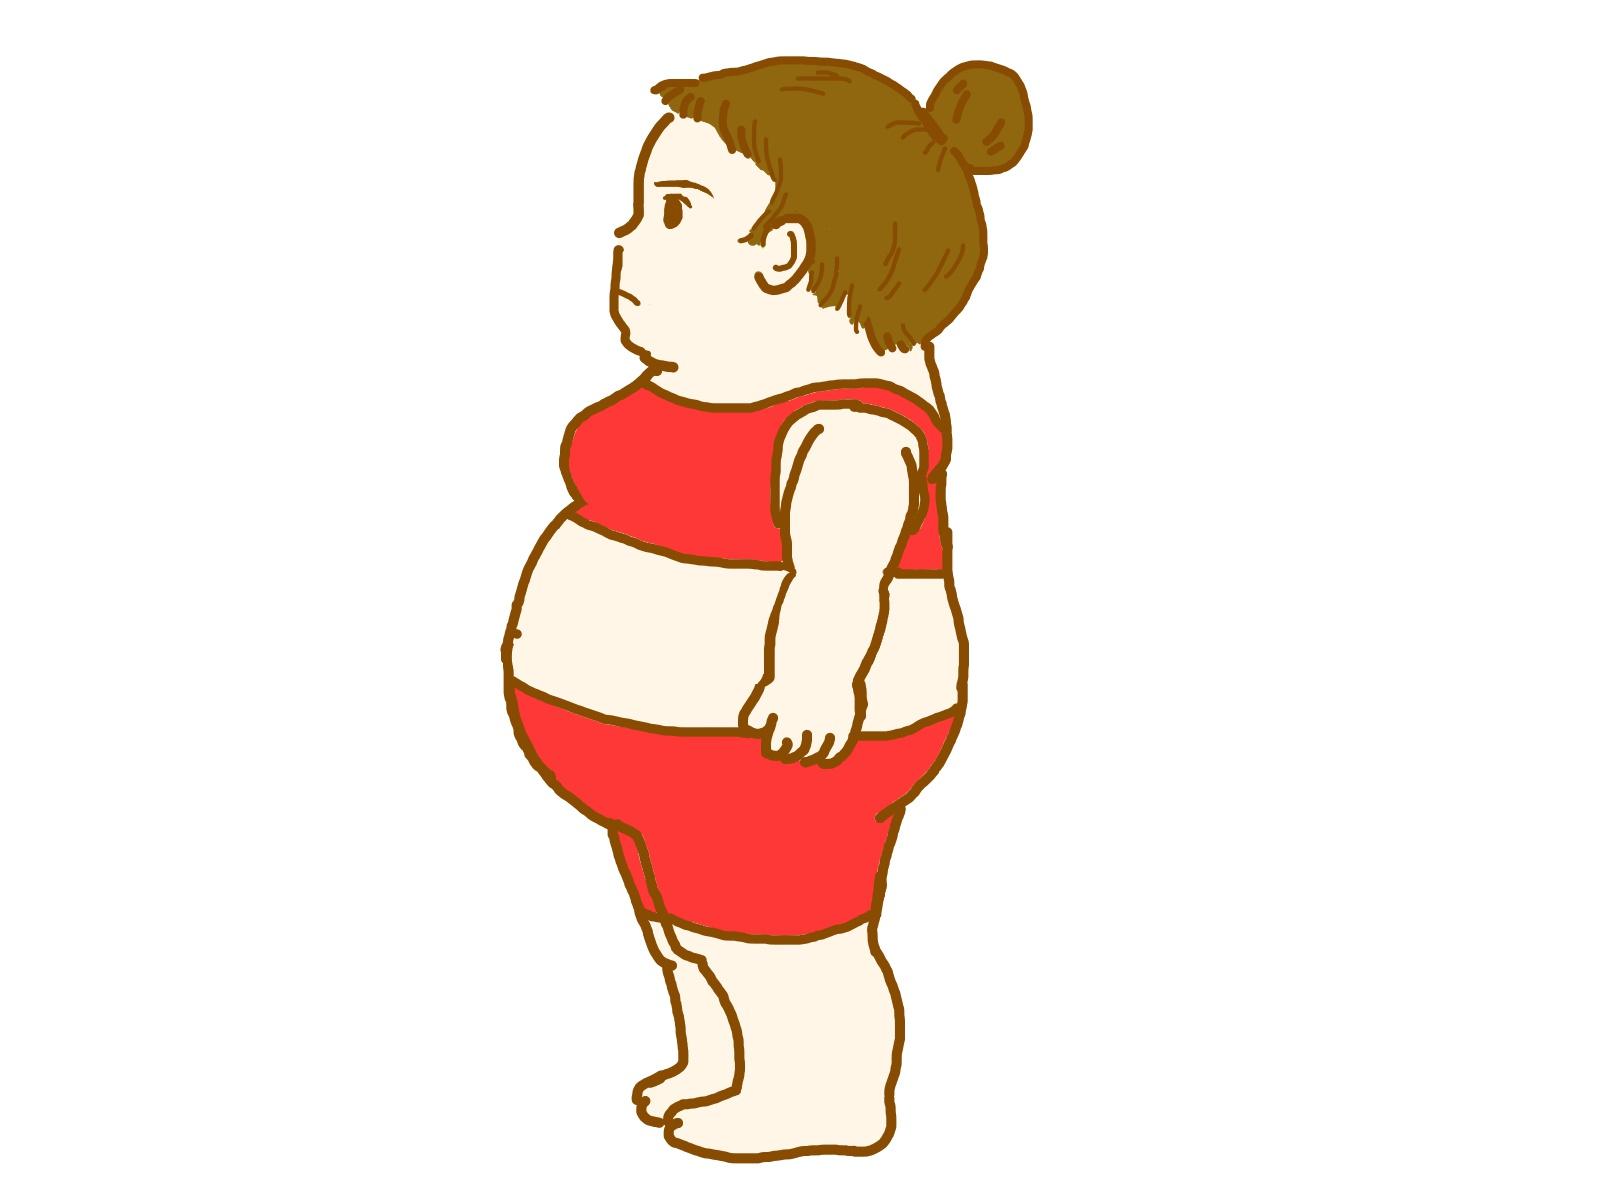 糖尿病とはどんな病気か。基準値、合併症、予防など